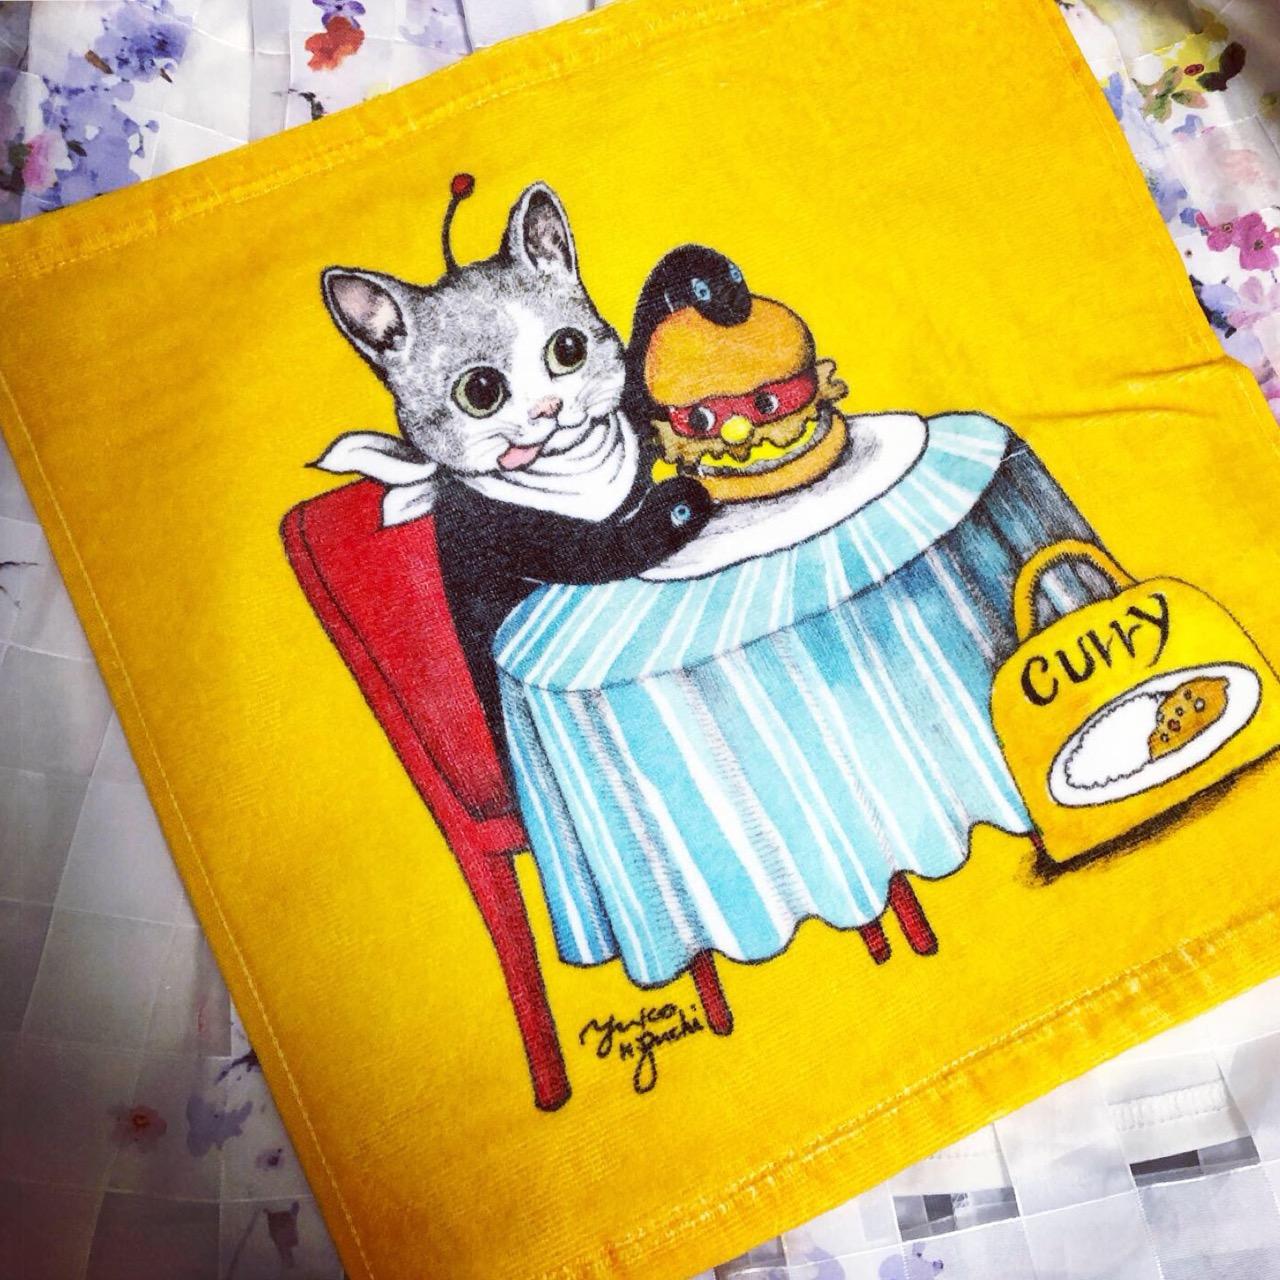 ギュスターヴくんがかわいすぎる♡「ヒグチユウコ オリジナルタオル」がもらえる!スペシャルセットがモスバーガーで限定販売中!♡_2